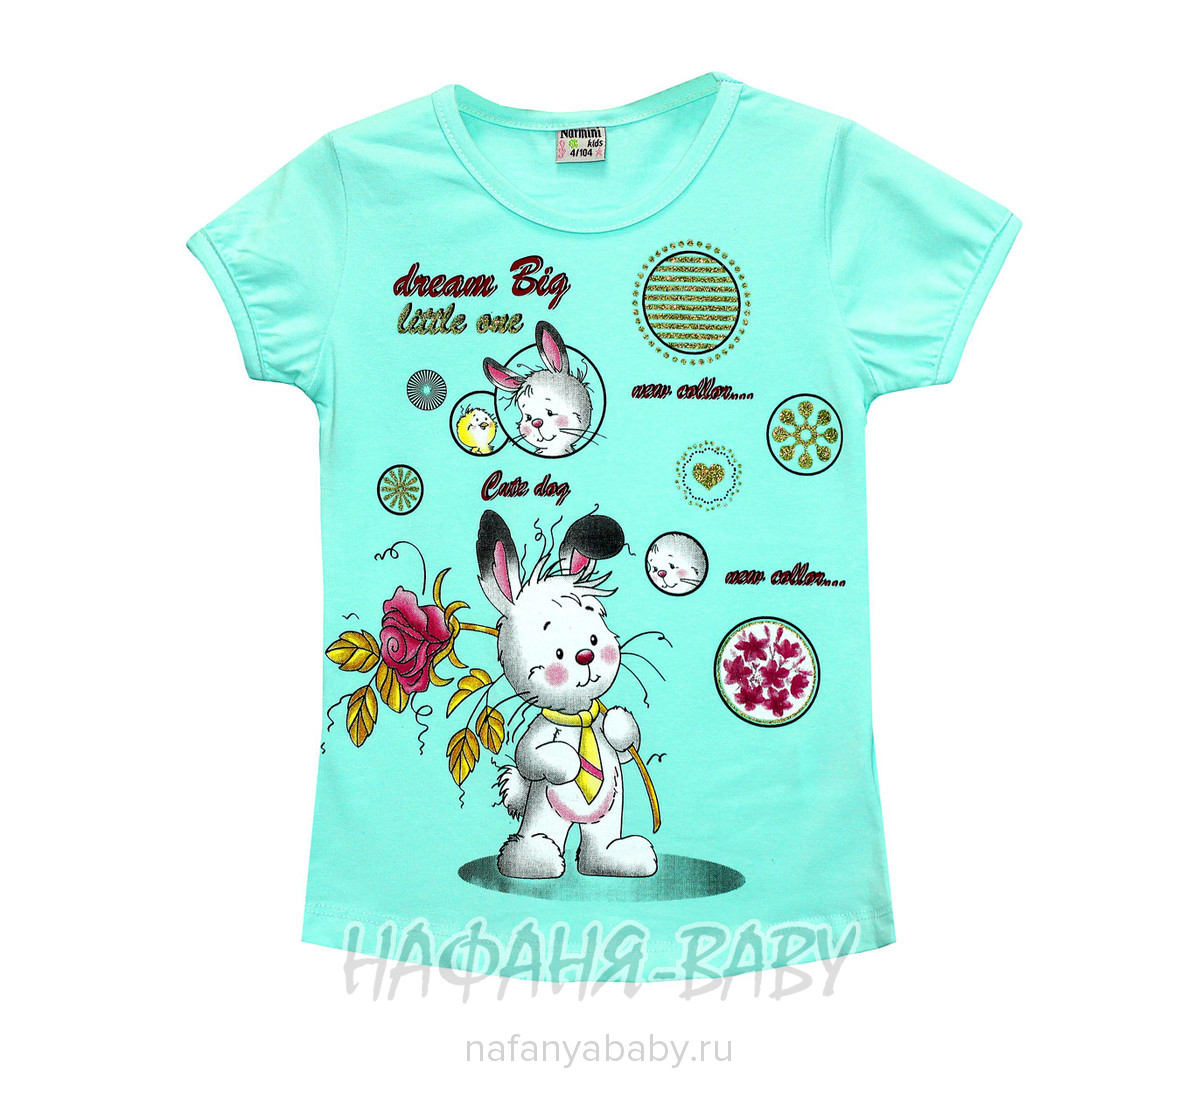 Детская футболка NARMINI арт: 5504, 1-4 года, цвет аквамариновый, оптом Турция